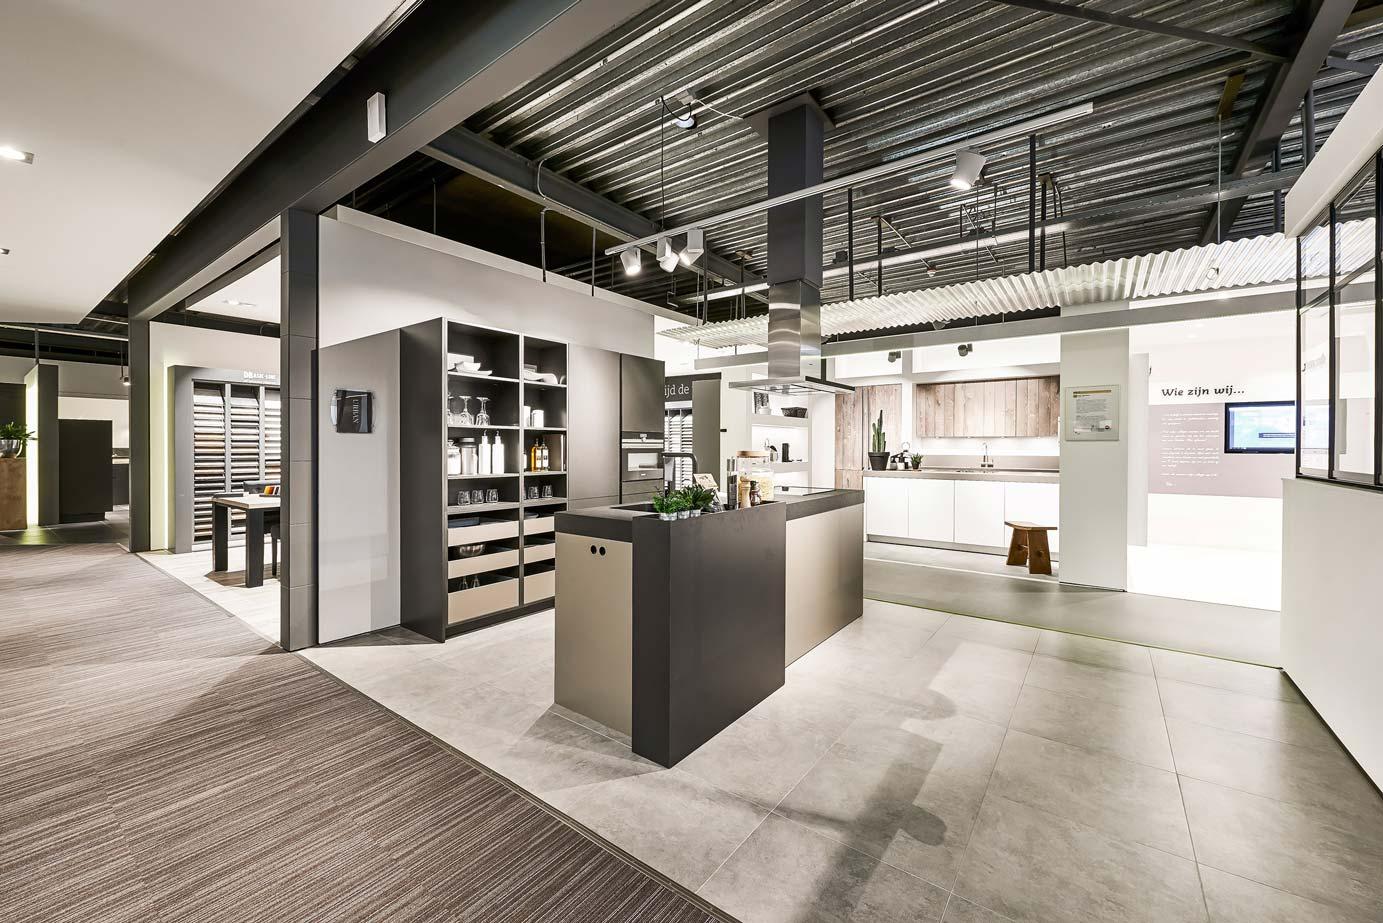 Keur Keukens Haarlem : Keur keukens in haarlem klanten geven een db keukens